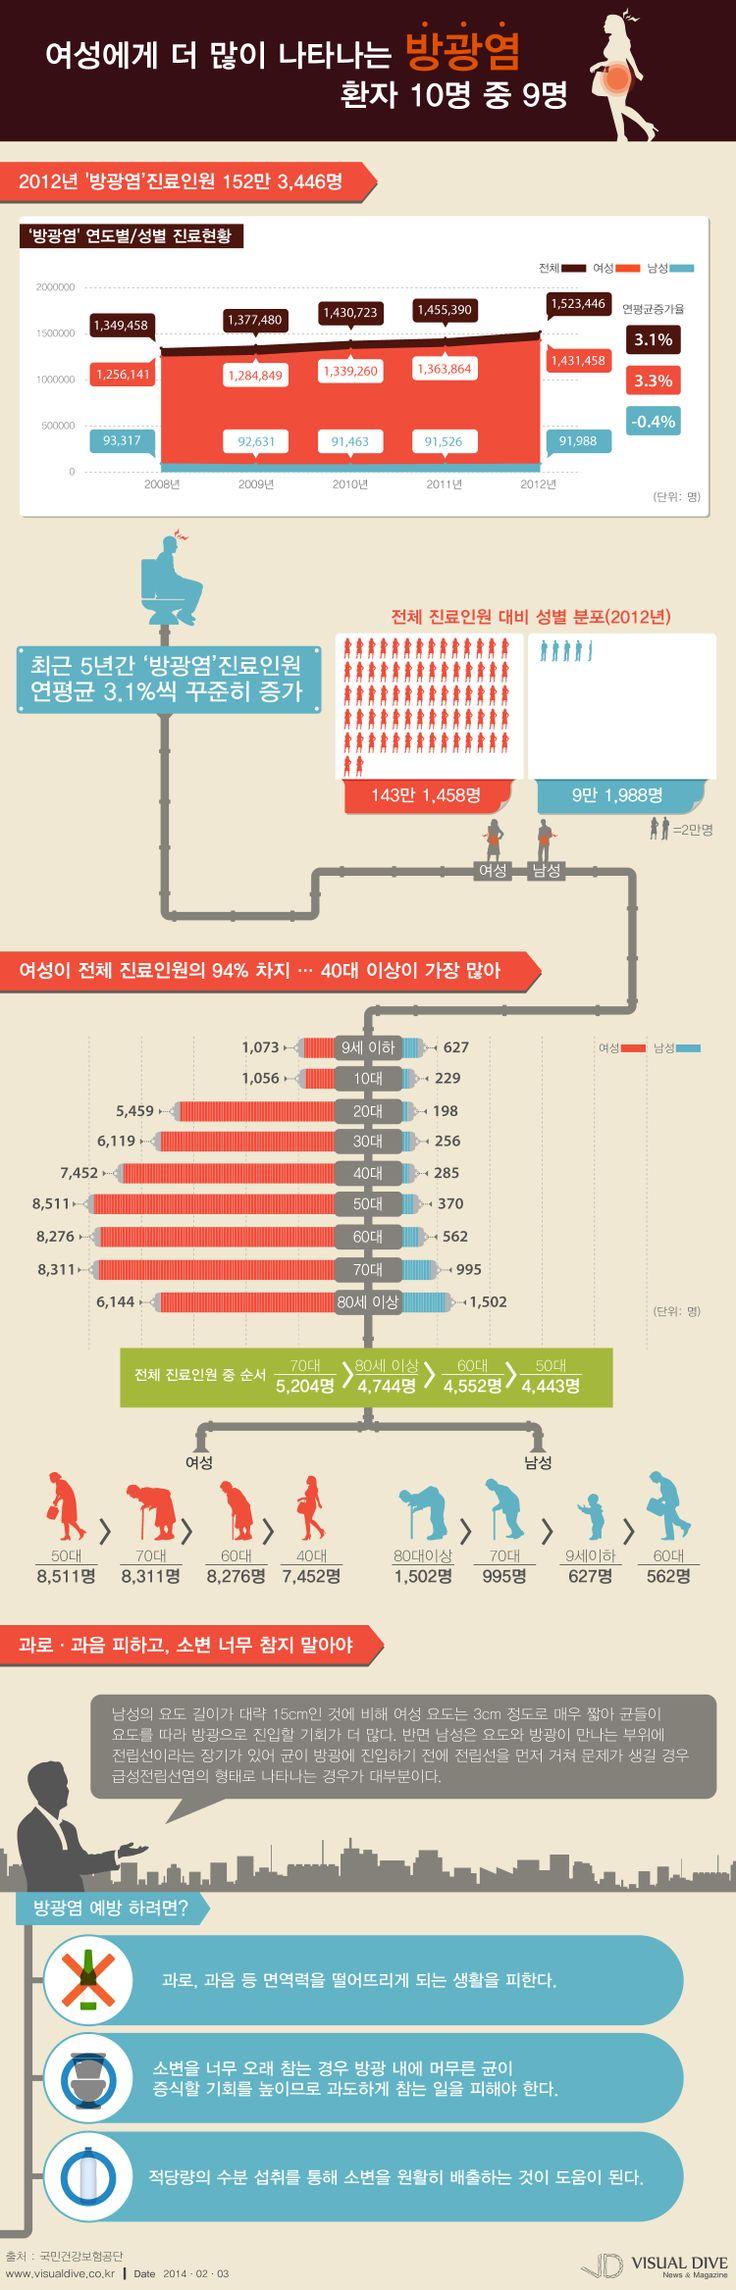 [인포그래픽] '방광염' 환자 10명 중 9명 여성, 연평균 3.1% 증가 #bladder / #Infographic ⓒ 비주얼다이브 무단 복사·전재·재배포 금지